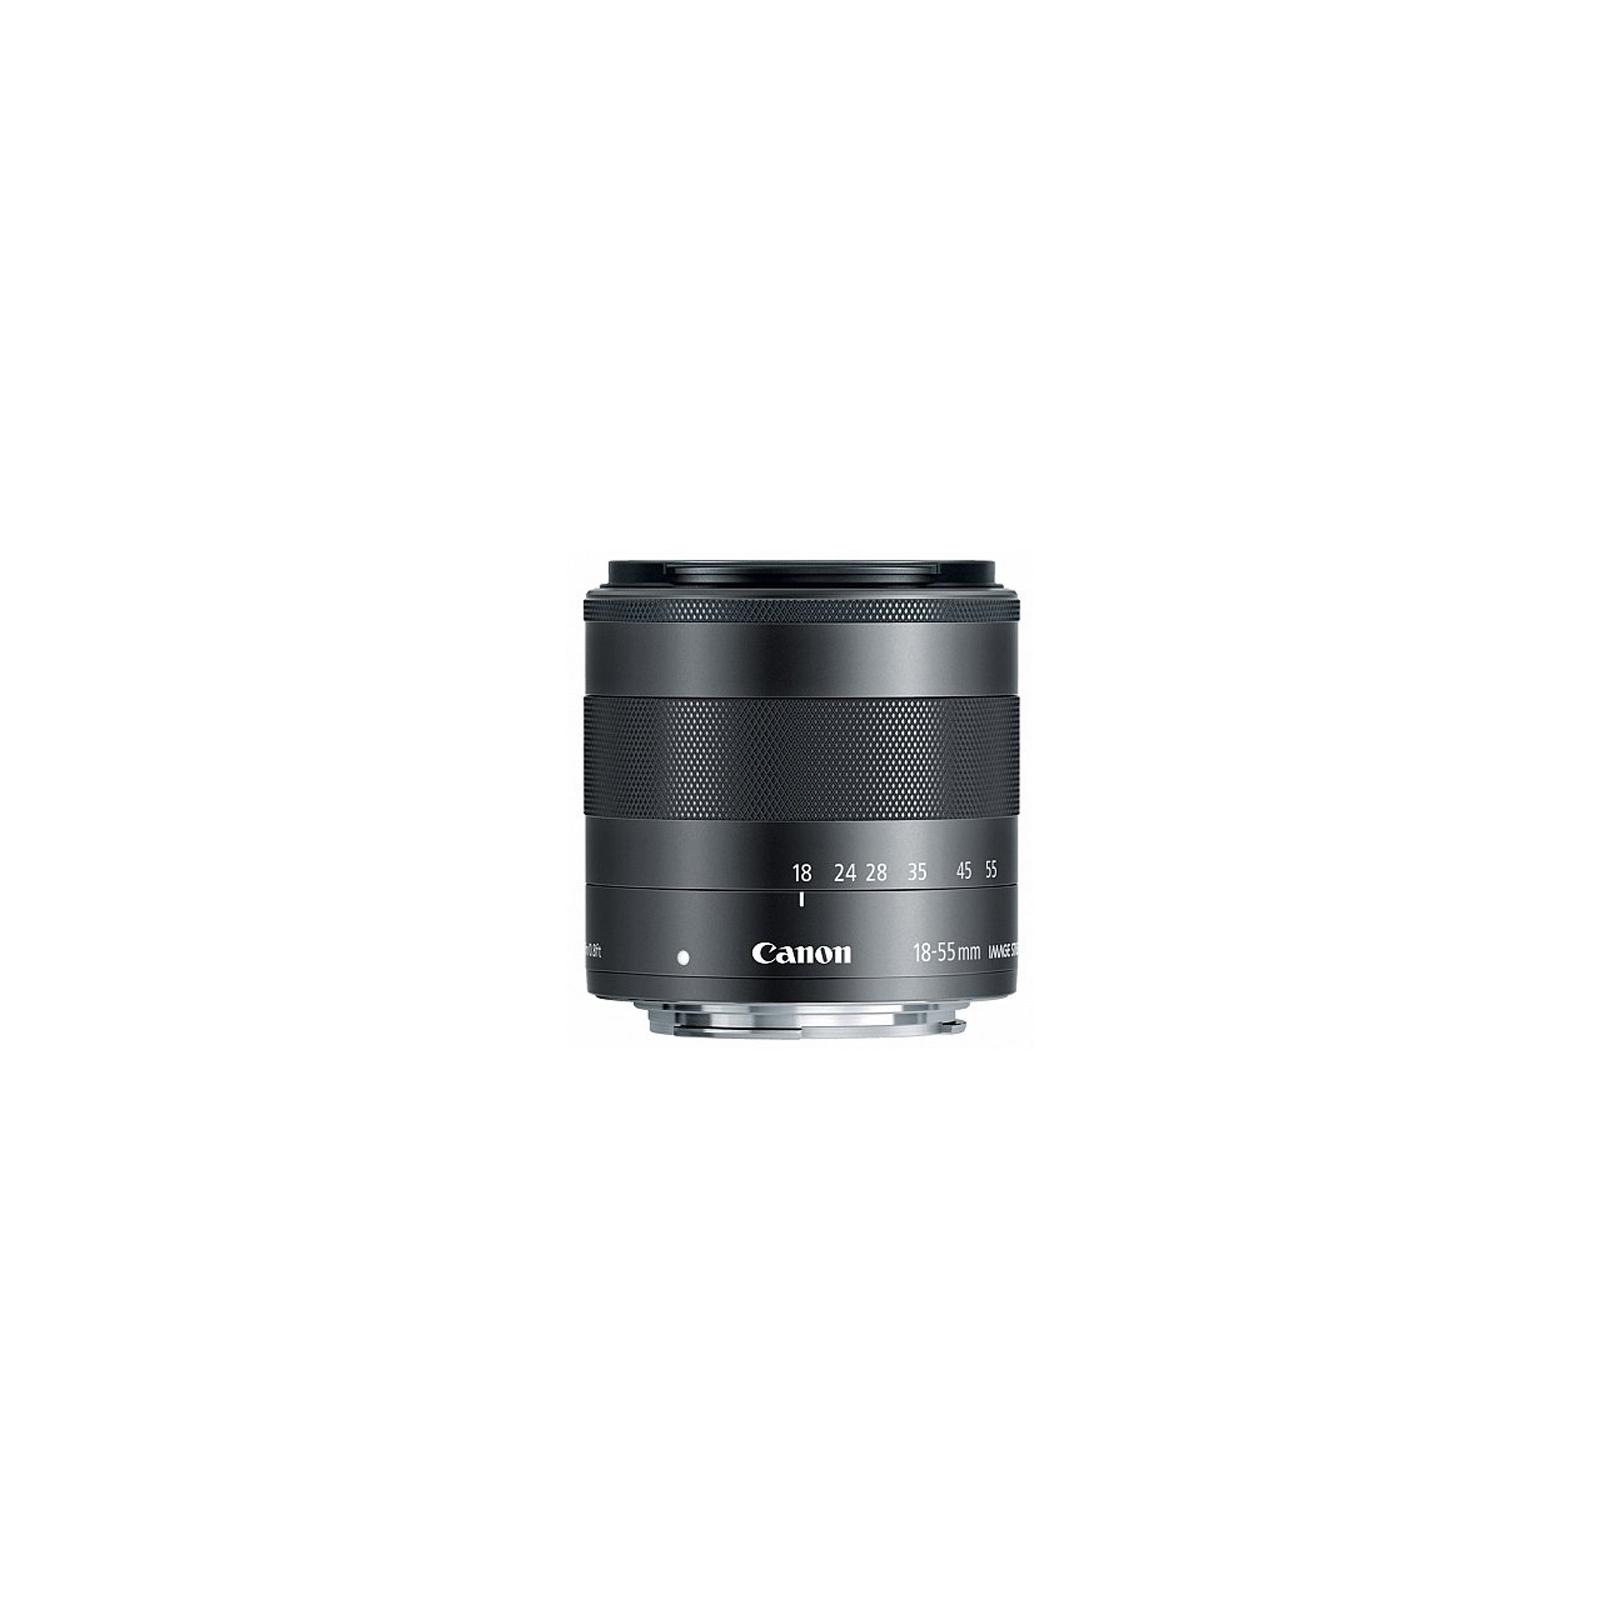 Объектив Canon EF-M 18-55mm f/3.5-5.6 IS STM (5984B005) изображение 3